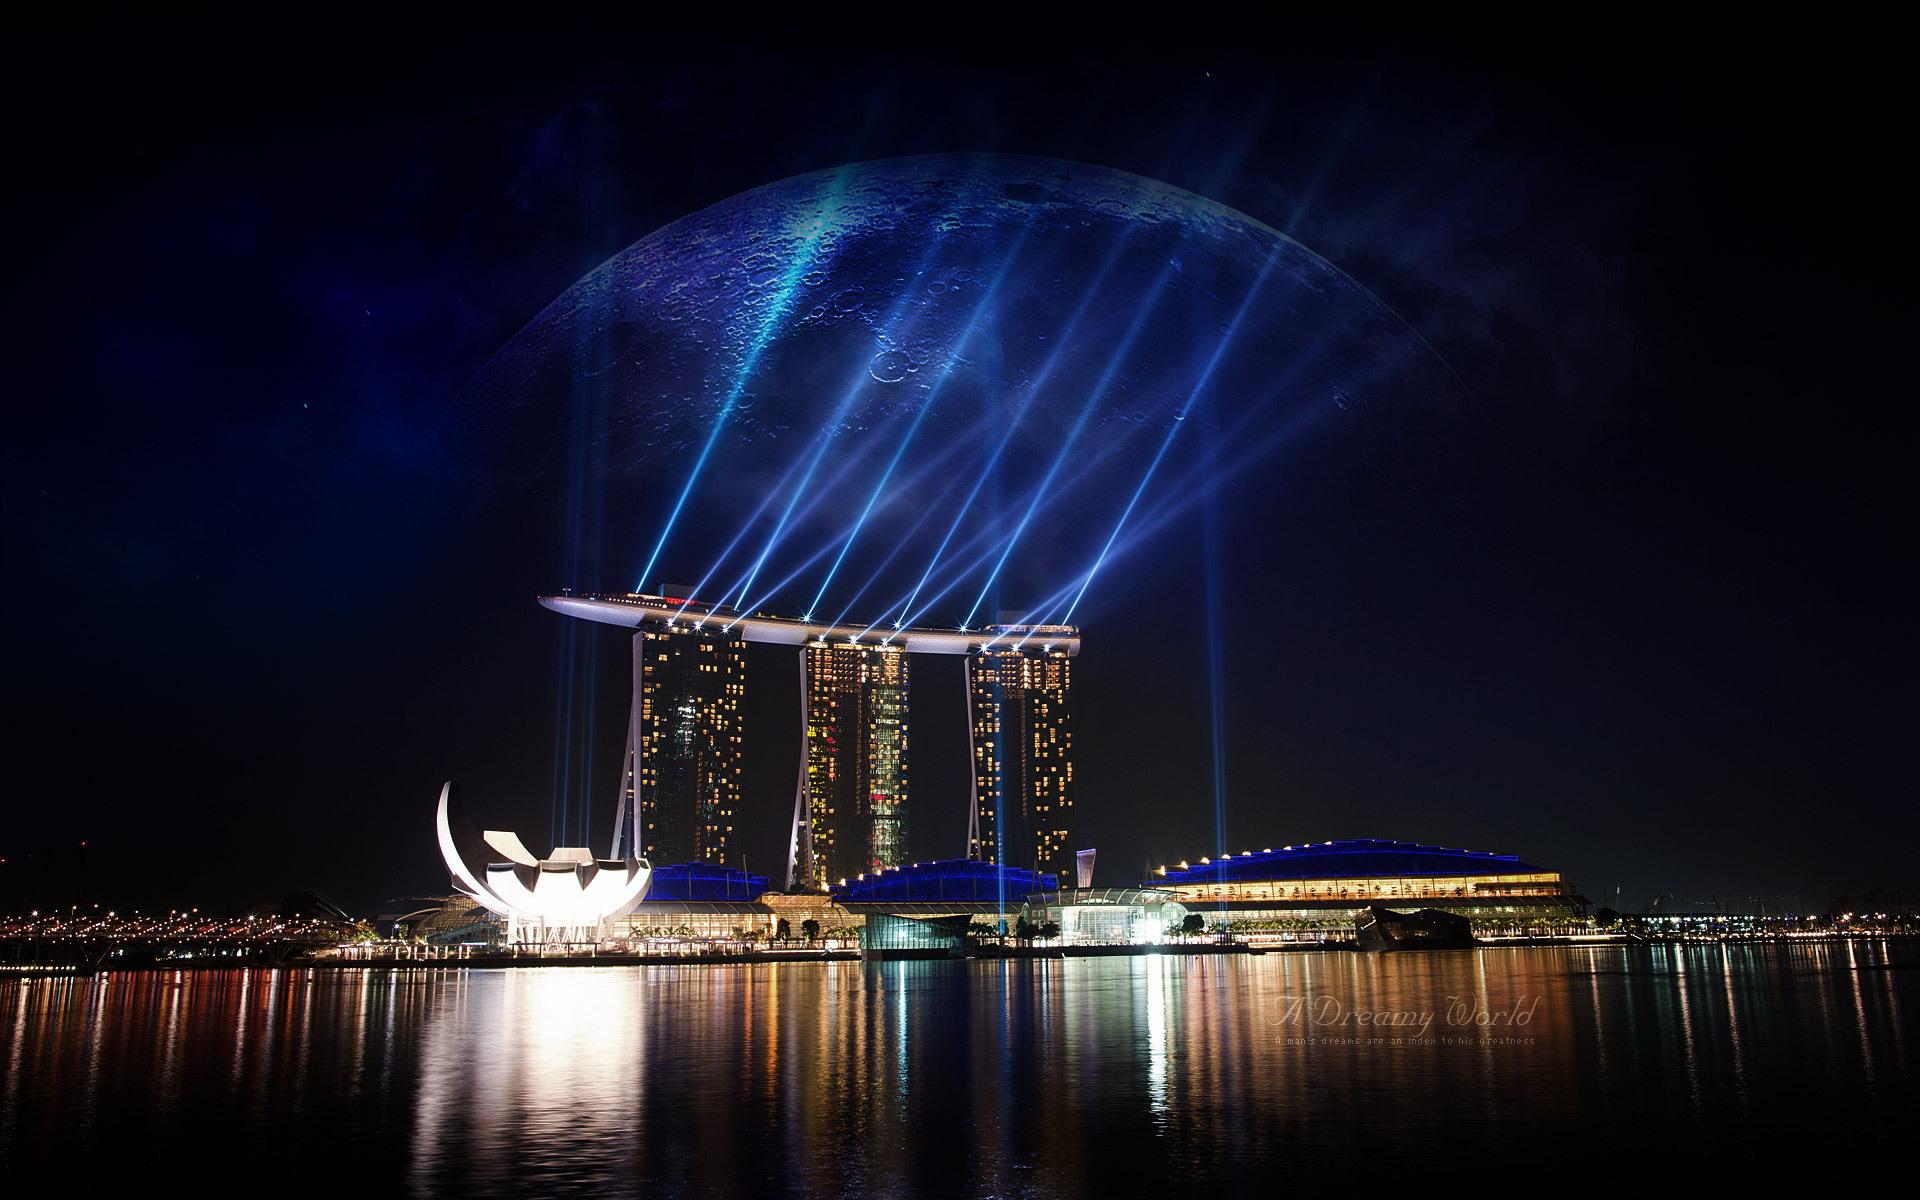 Ночная подсветка скачать